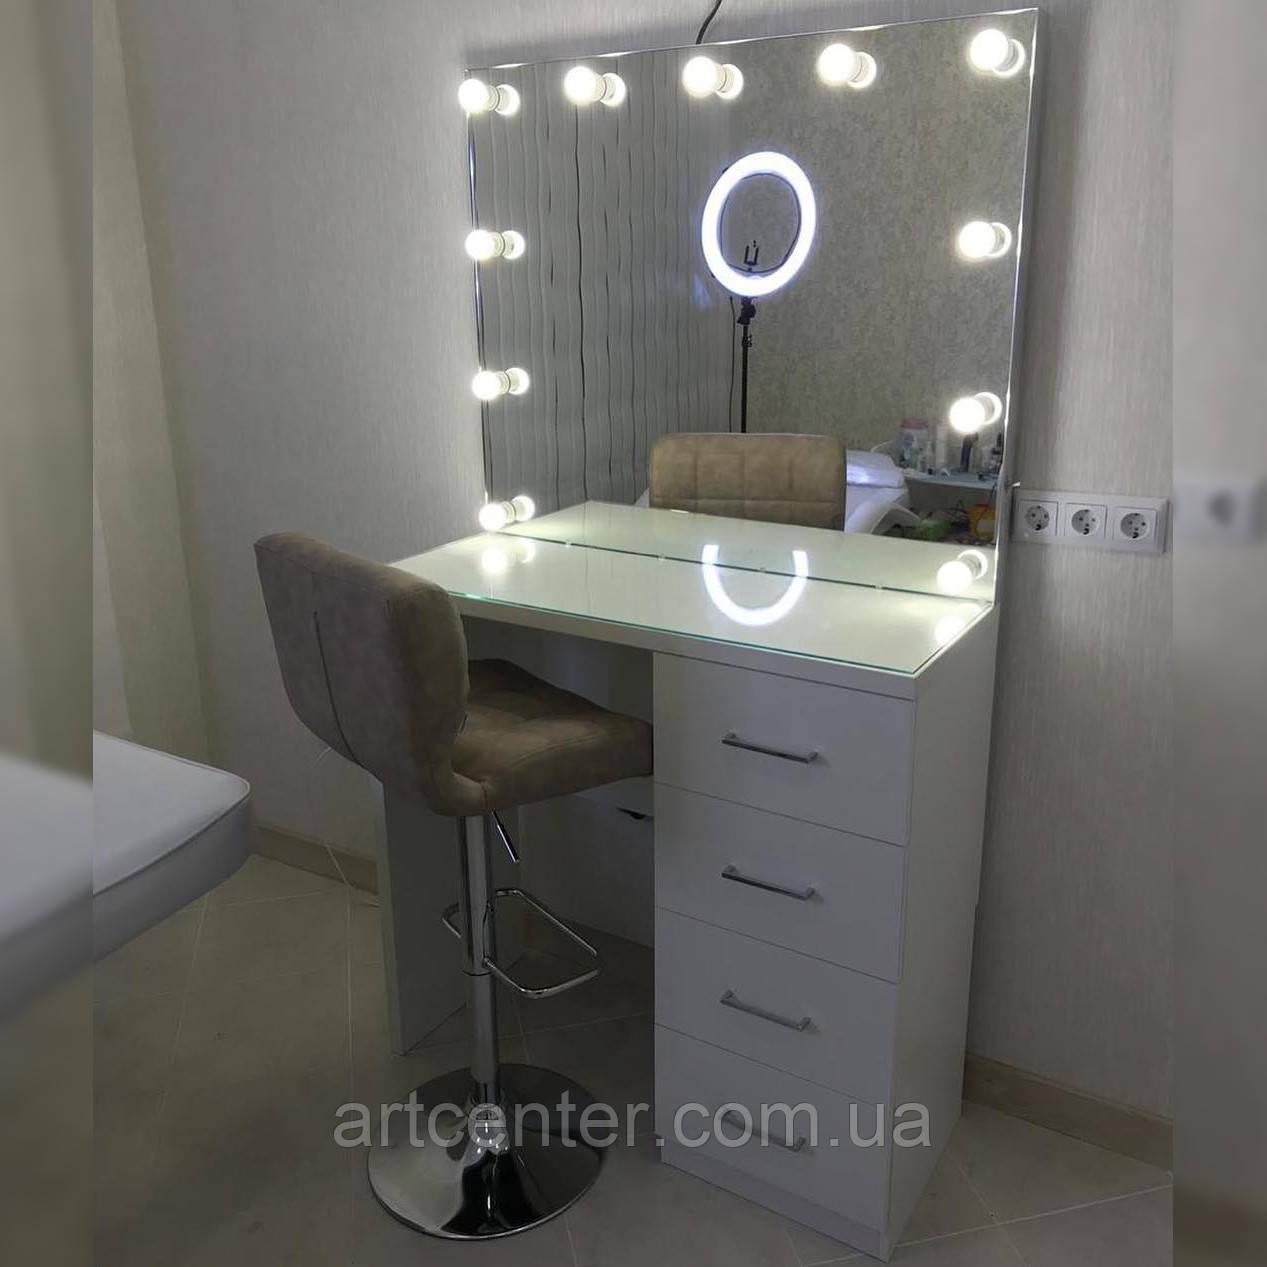 Однотумбовий визажный стіл з дзеркалом